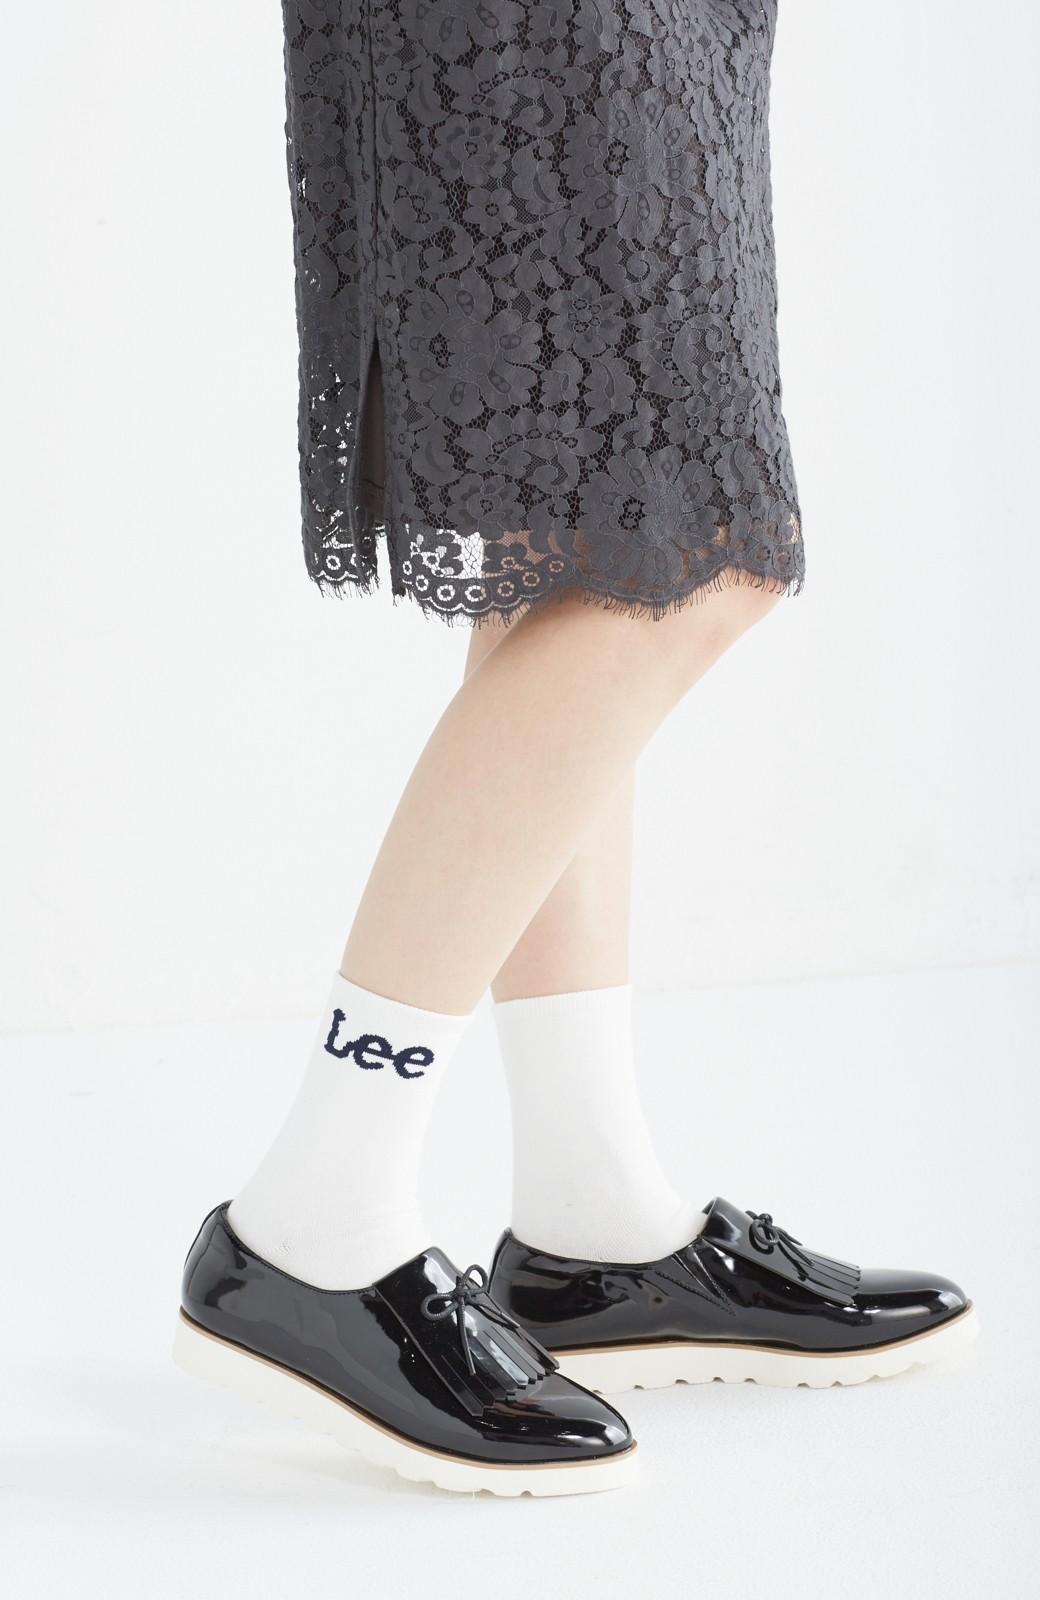 haco! Lee ロゴがかわいいハイカットソックス <ホワイト>の商品写真1